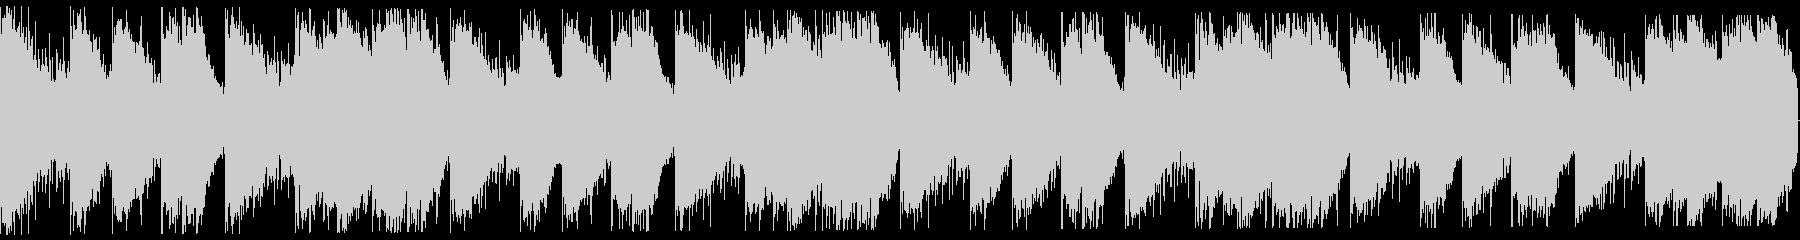 切ないゆったり系トラップビート16小節の未再生の波形